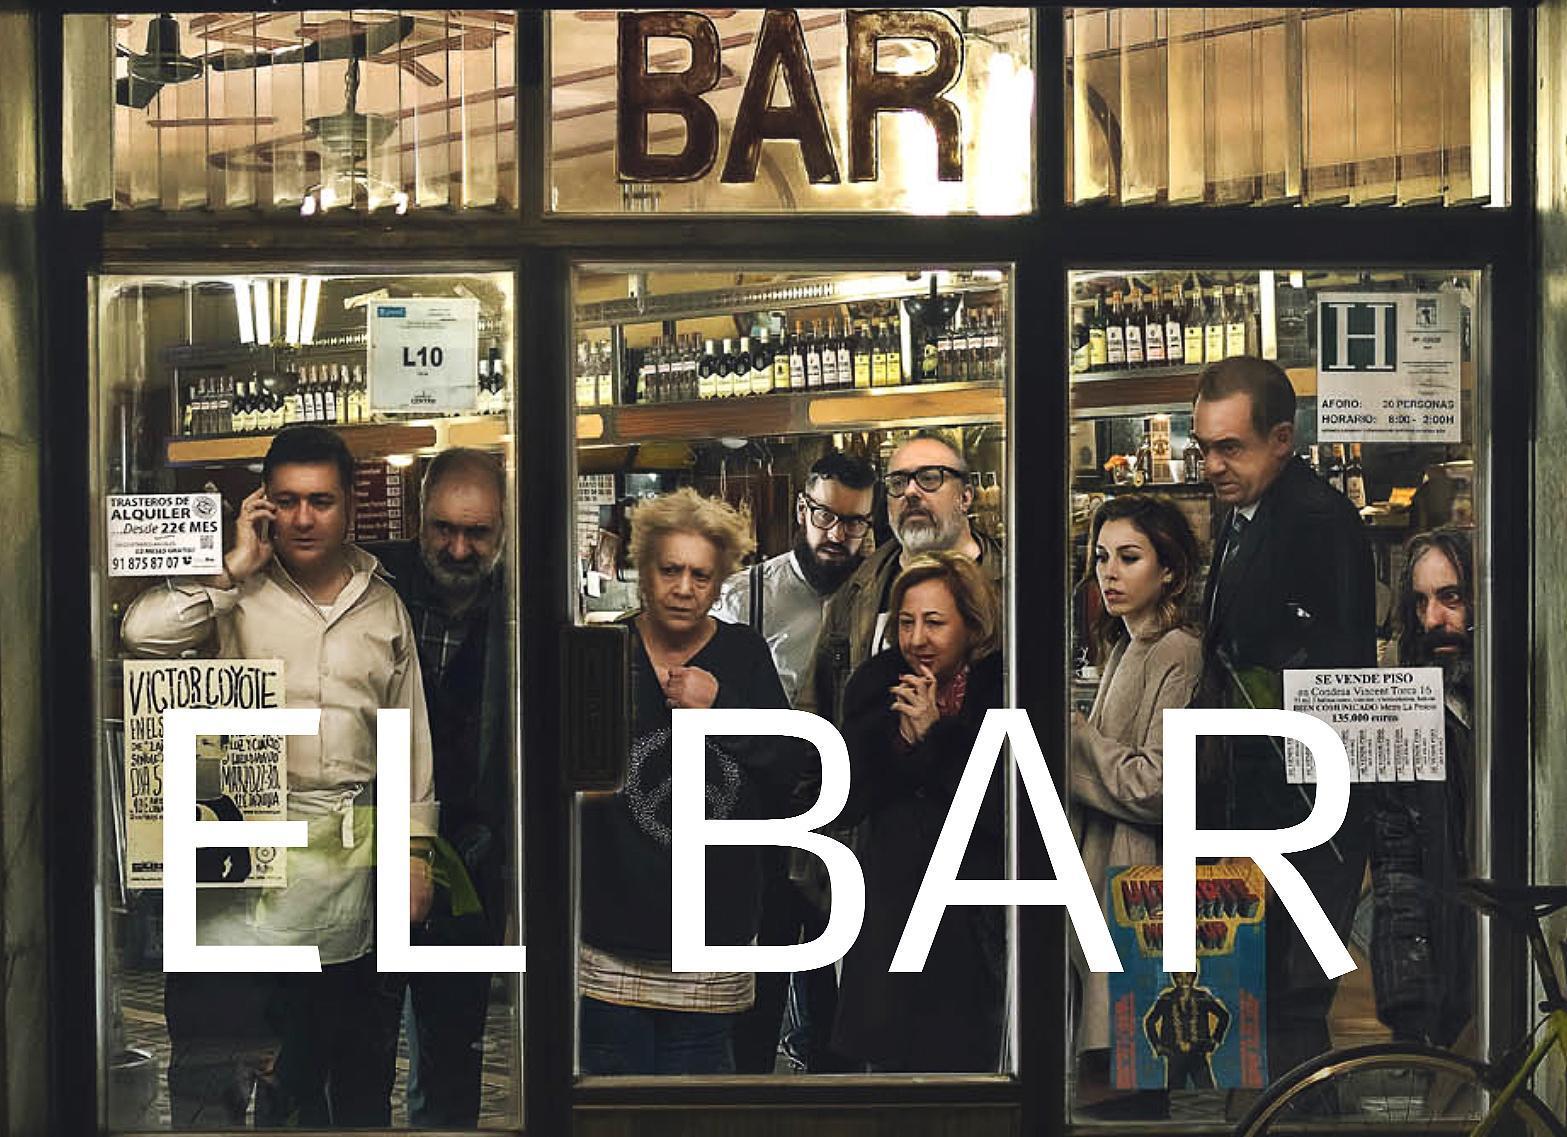 Salimos del pase de prensa de #ElBar otro entretenimiento hilarante e imperdible del genial @alexdelaIglesia  24 de marzo en #estrenos https://t.co/uAdj8mxS8K